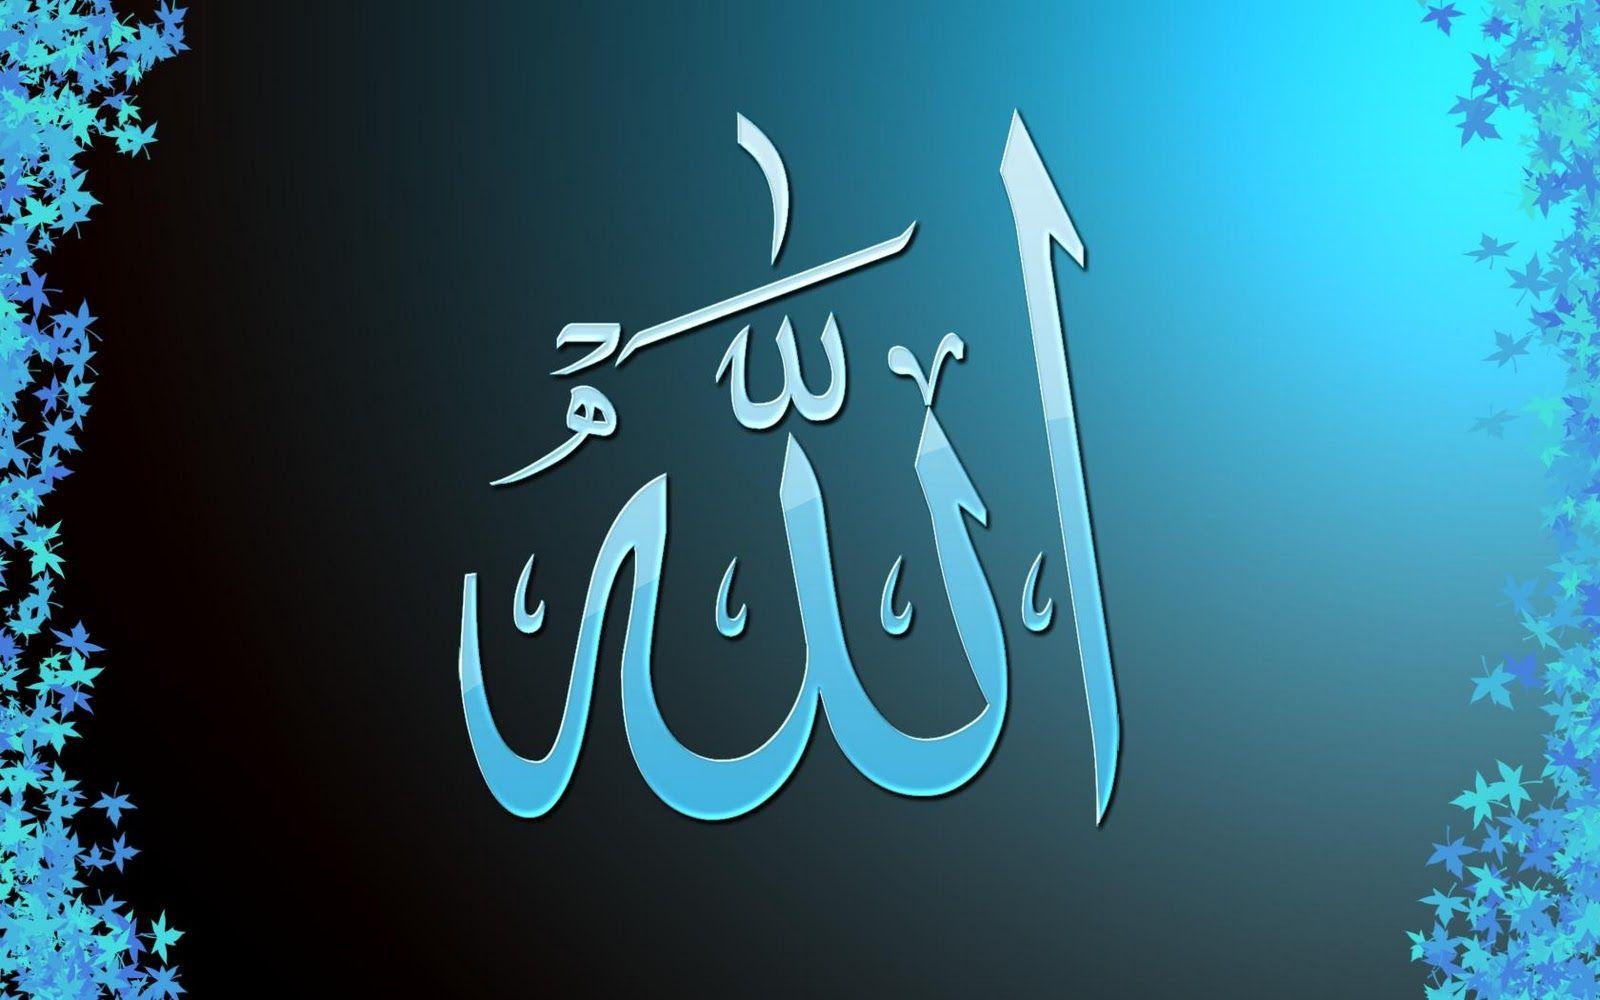 Мусульманские картинки аллах с надписью, дню лени